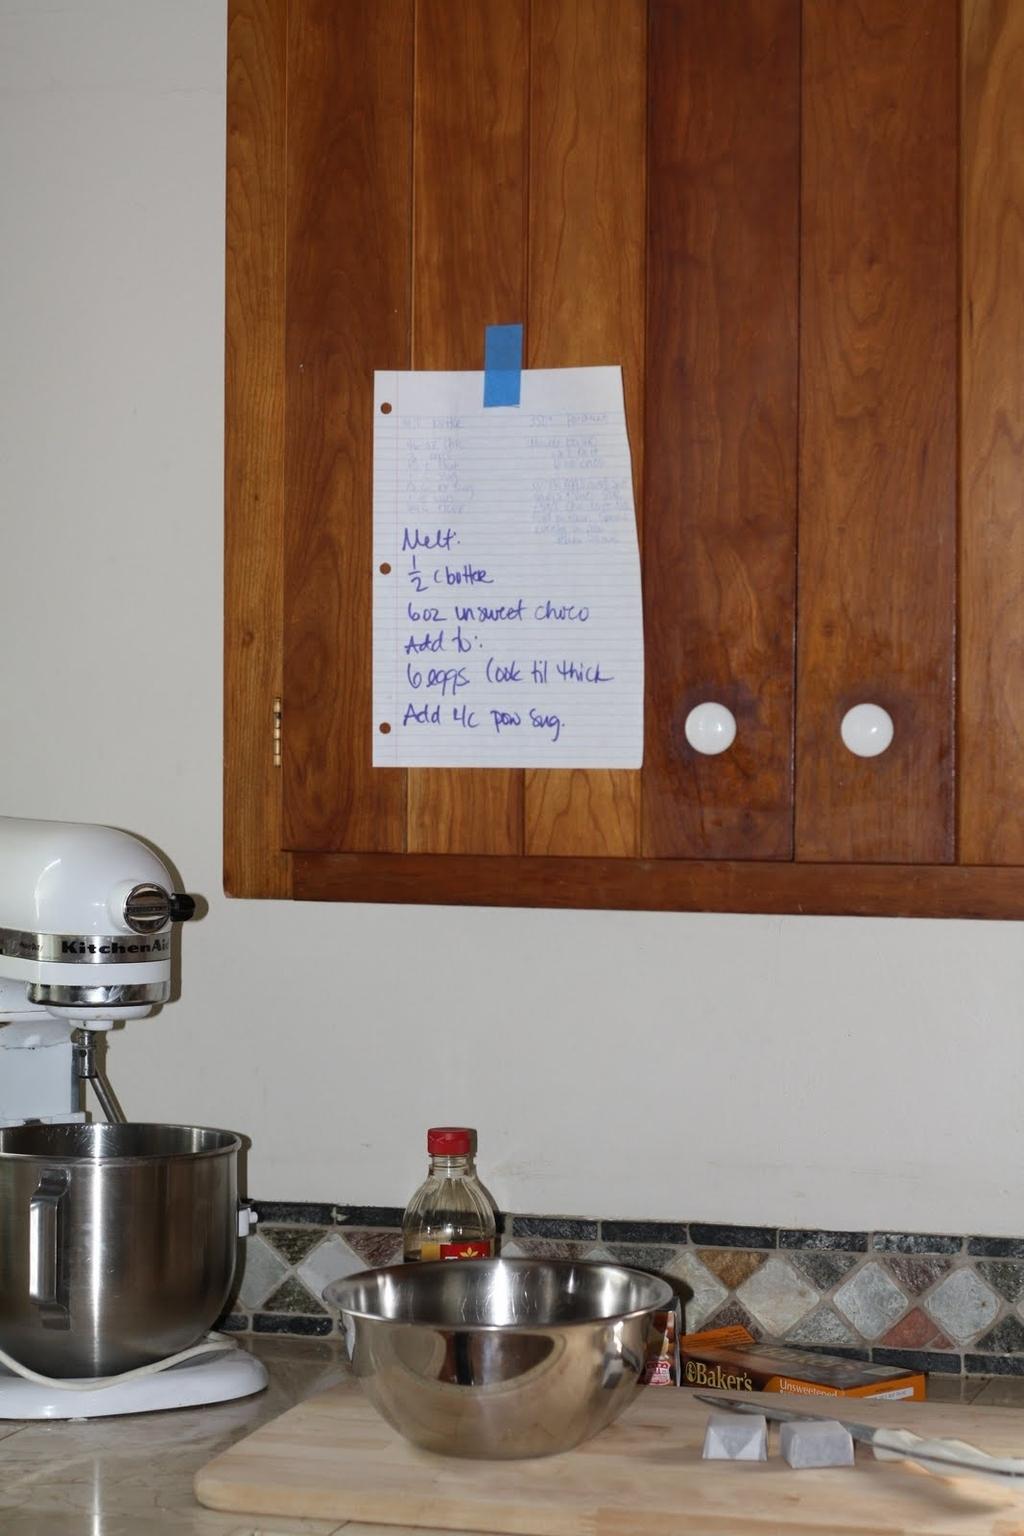 17 Life-Saving Thanksgiving Cooking Hacks